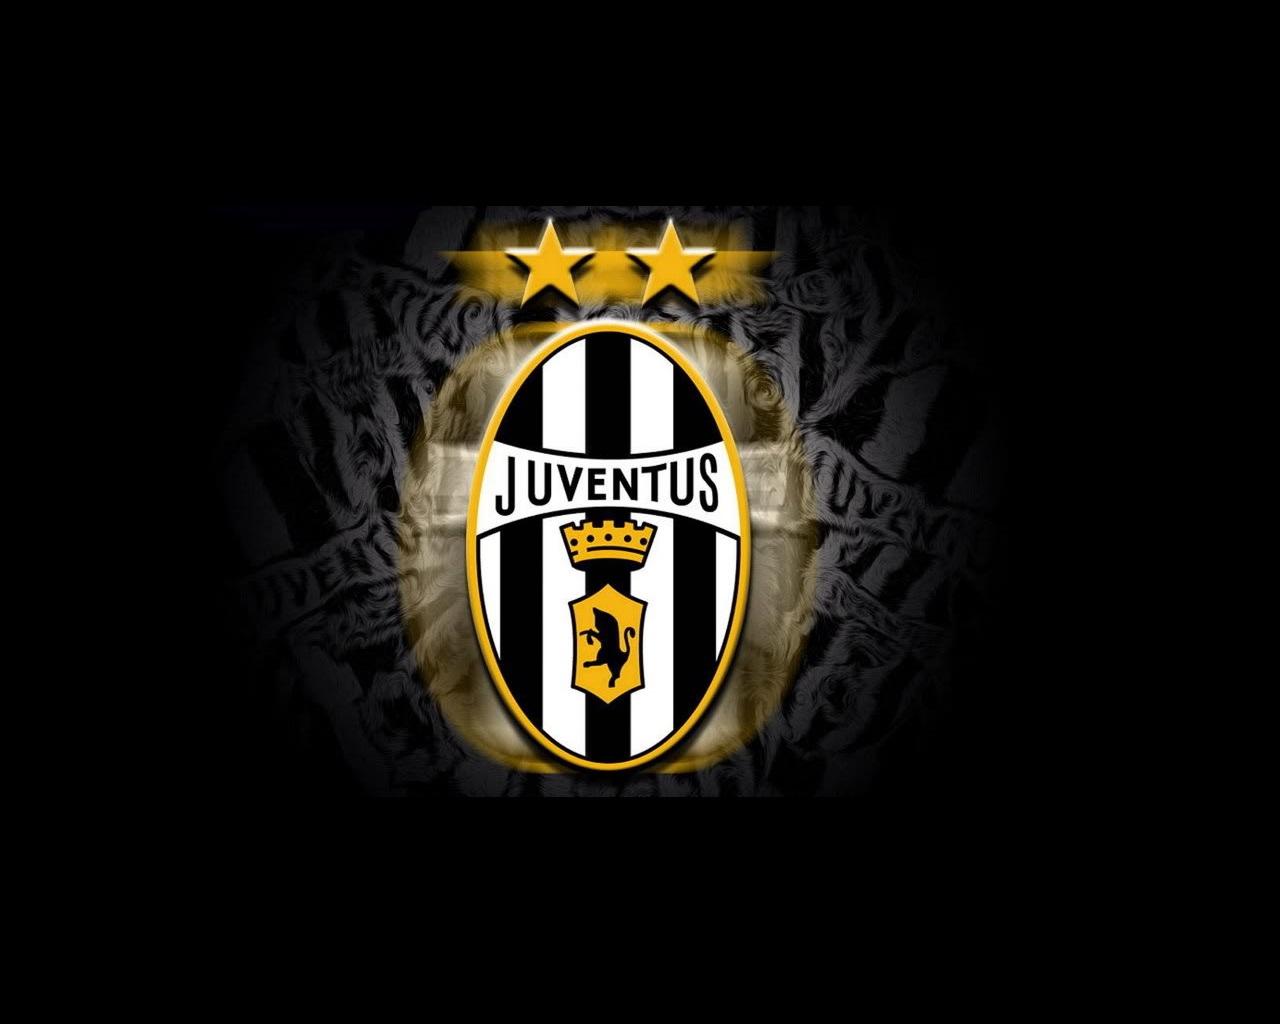 Juventus Fc: Juventus Fc Wallpaper